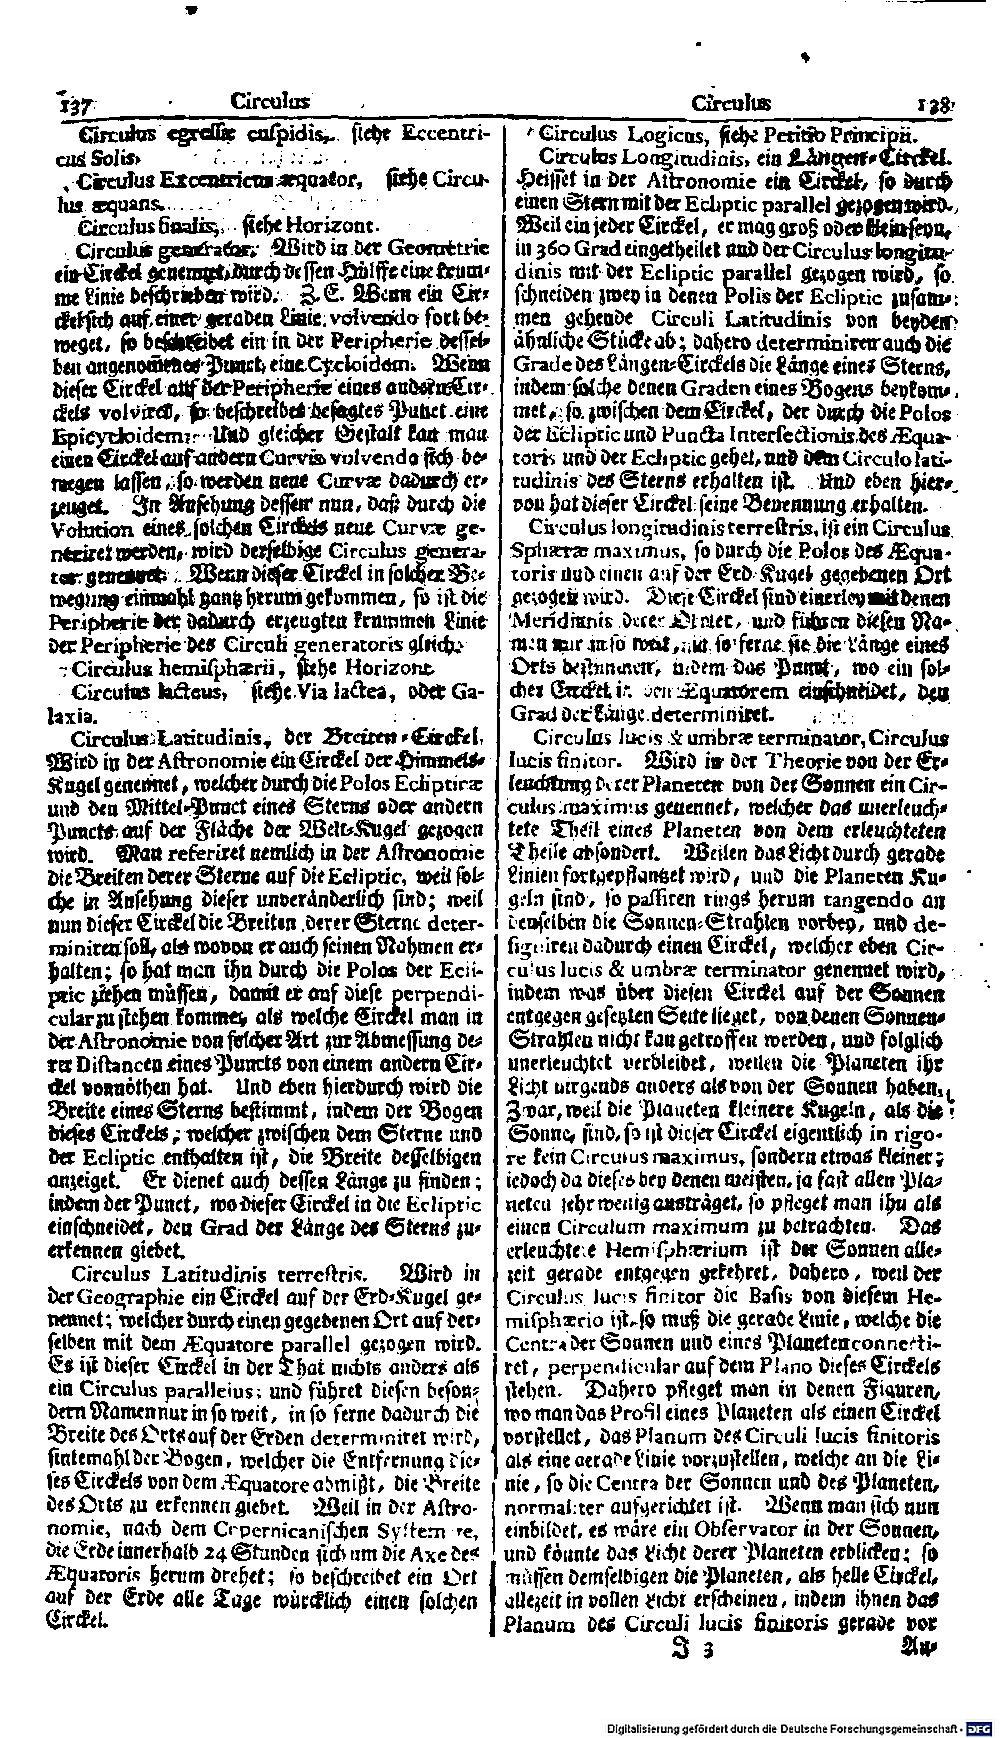 Bd. 06, Seite 0084.